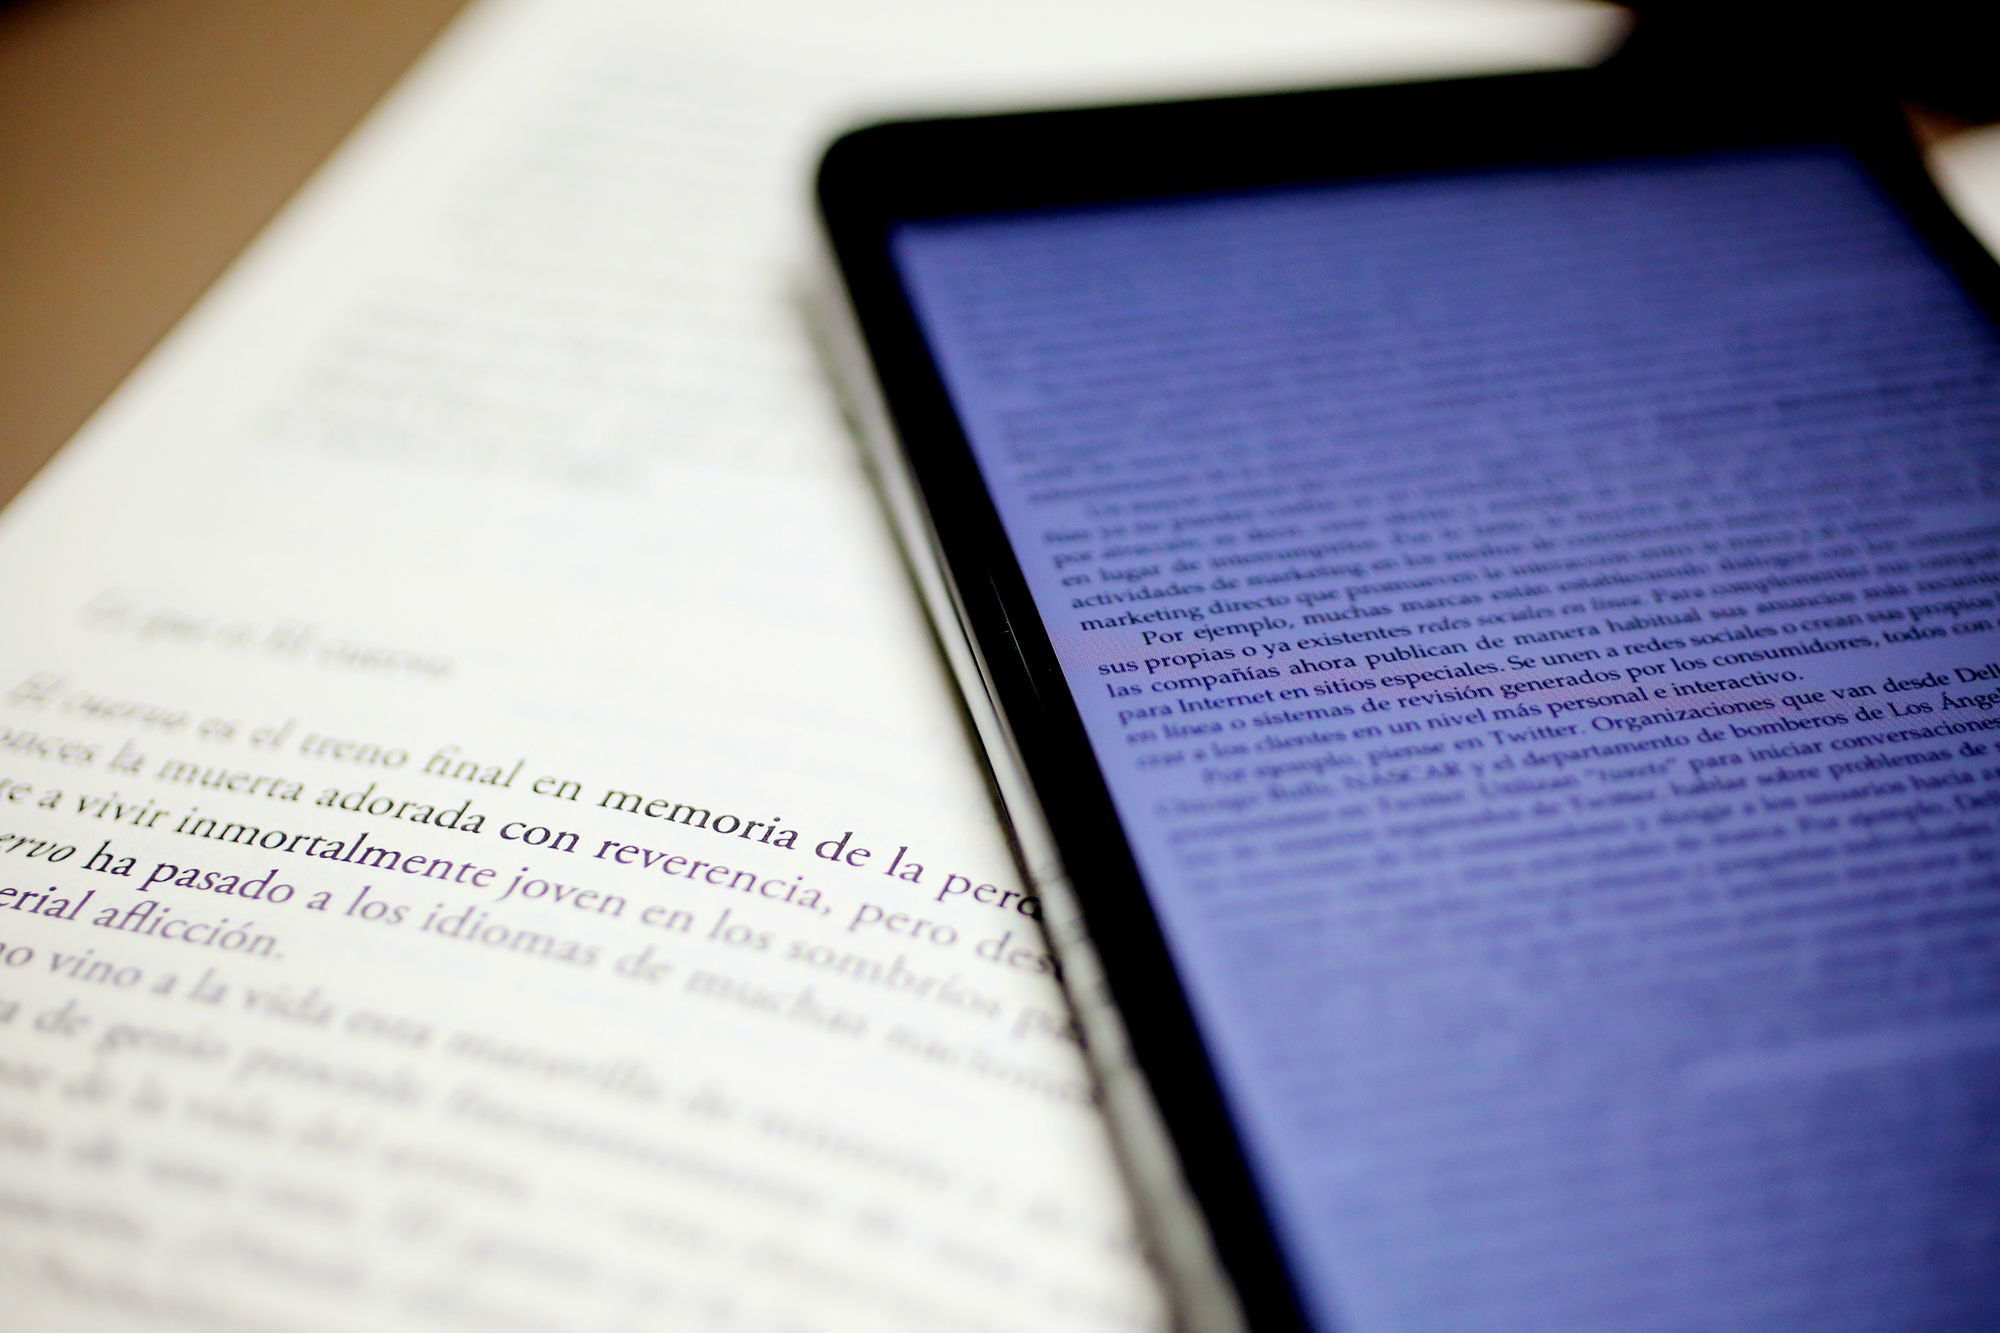 Libro impreso y digital